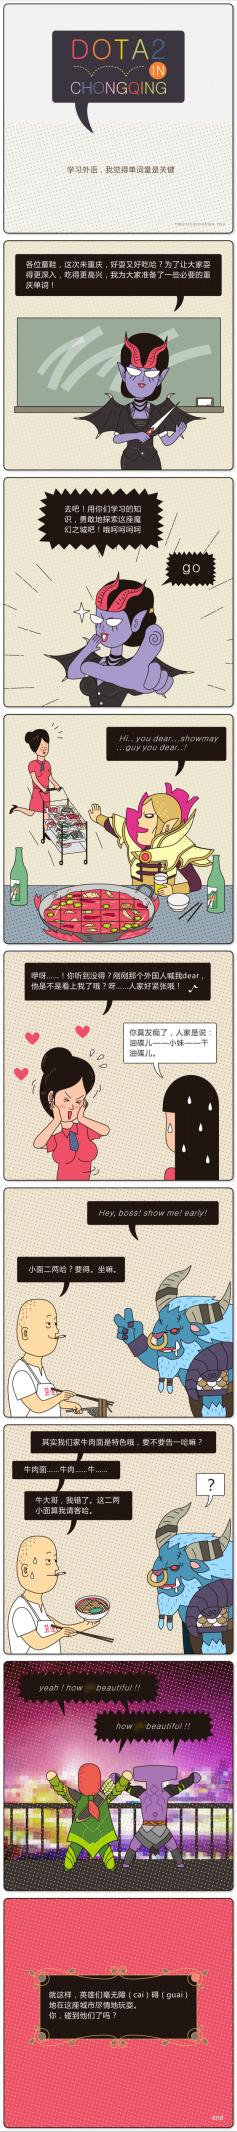 (重庆本土知名插画师-陈翌鹤)